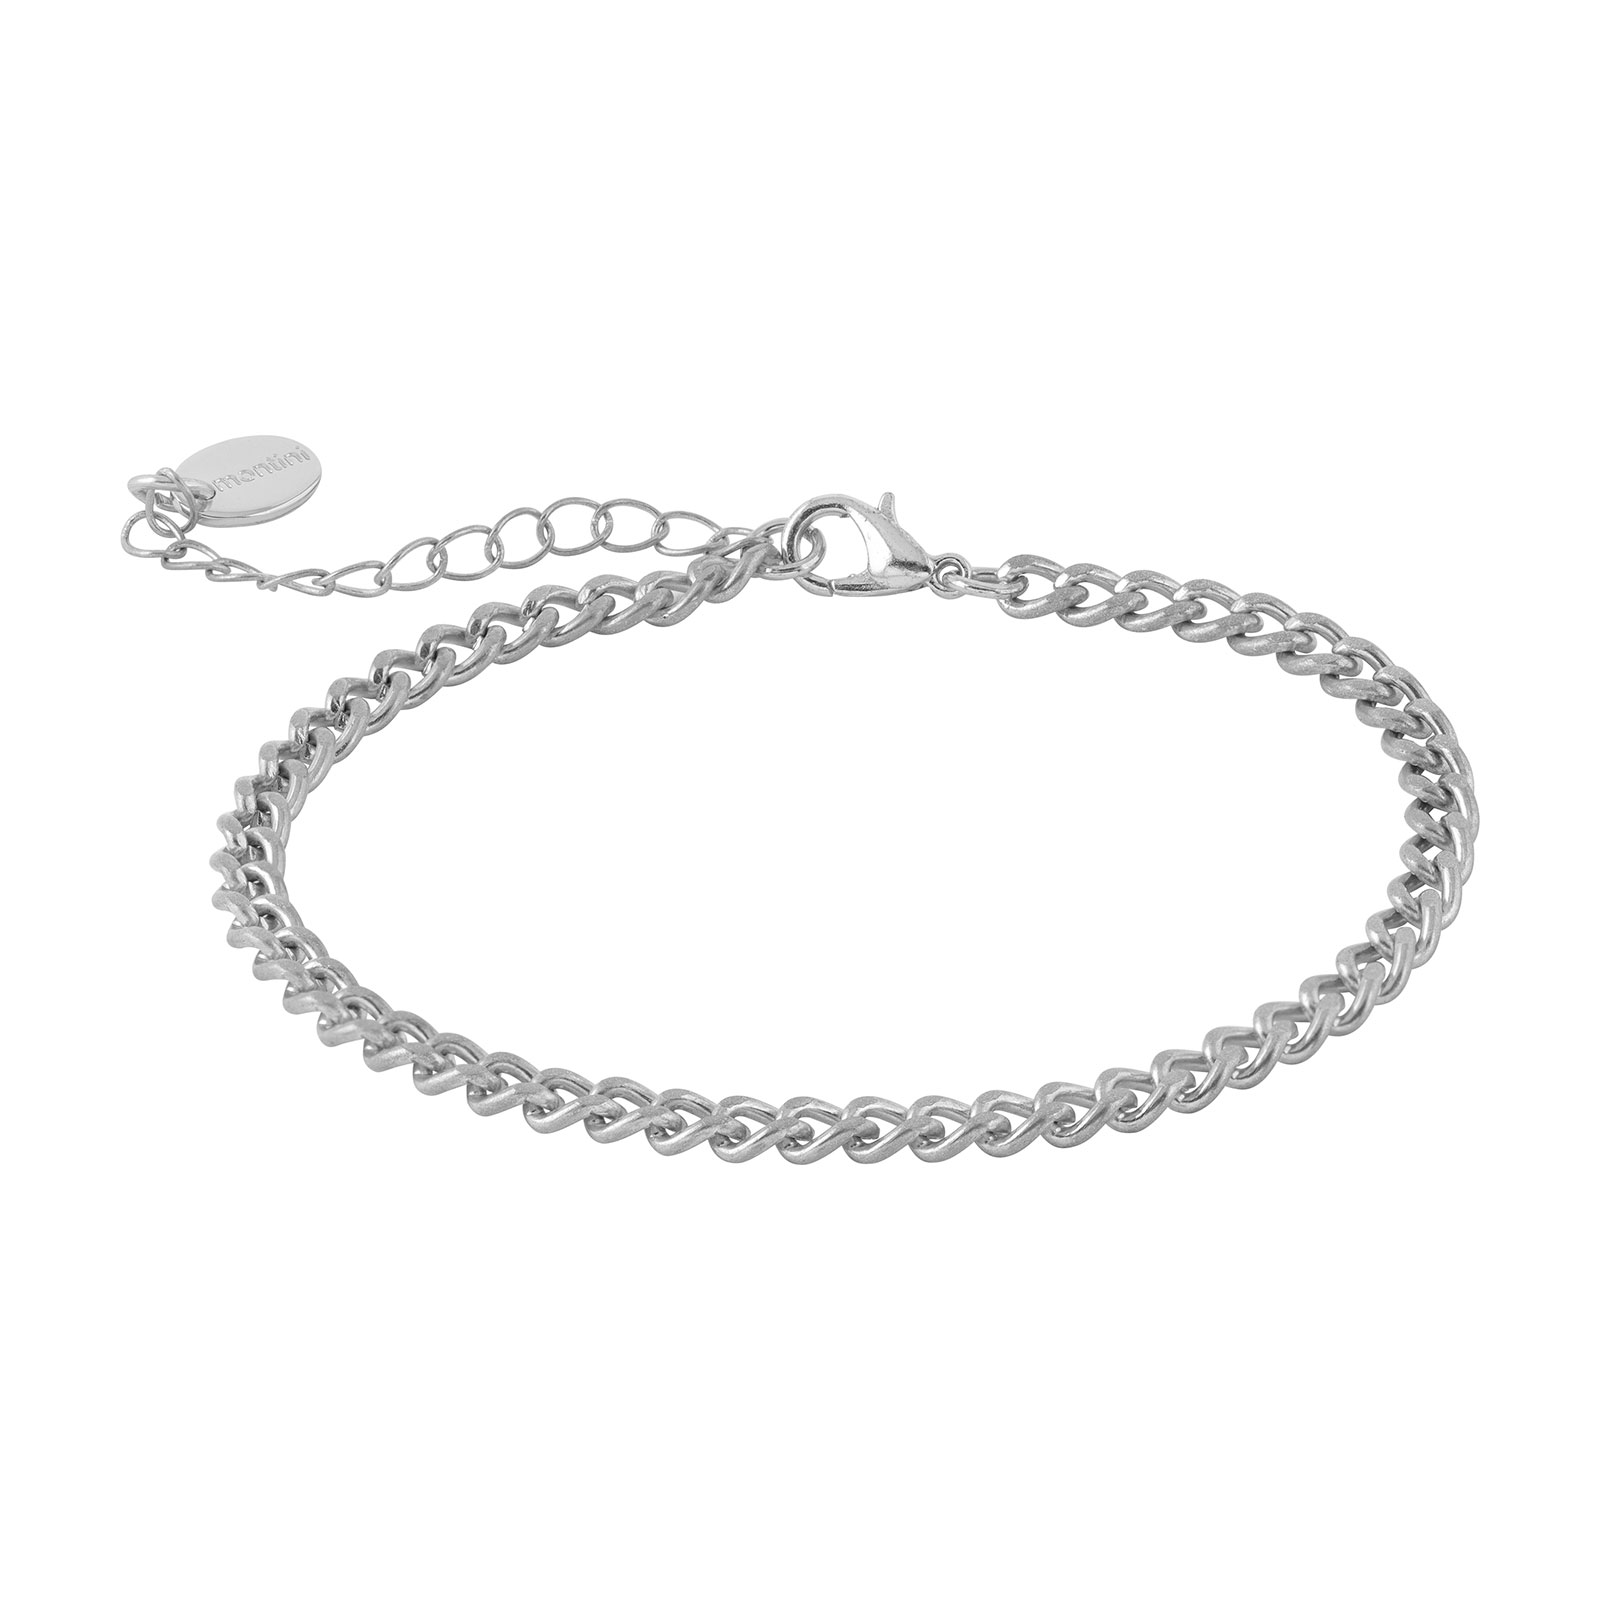 Armband - Silverfärgad tunn kedja